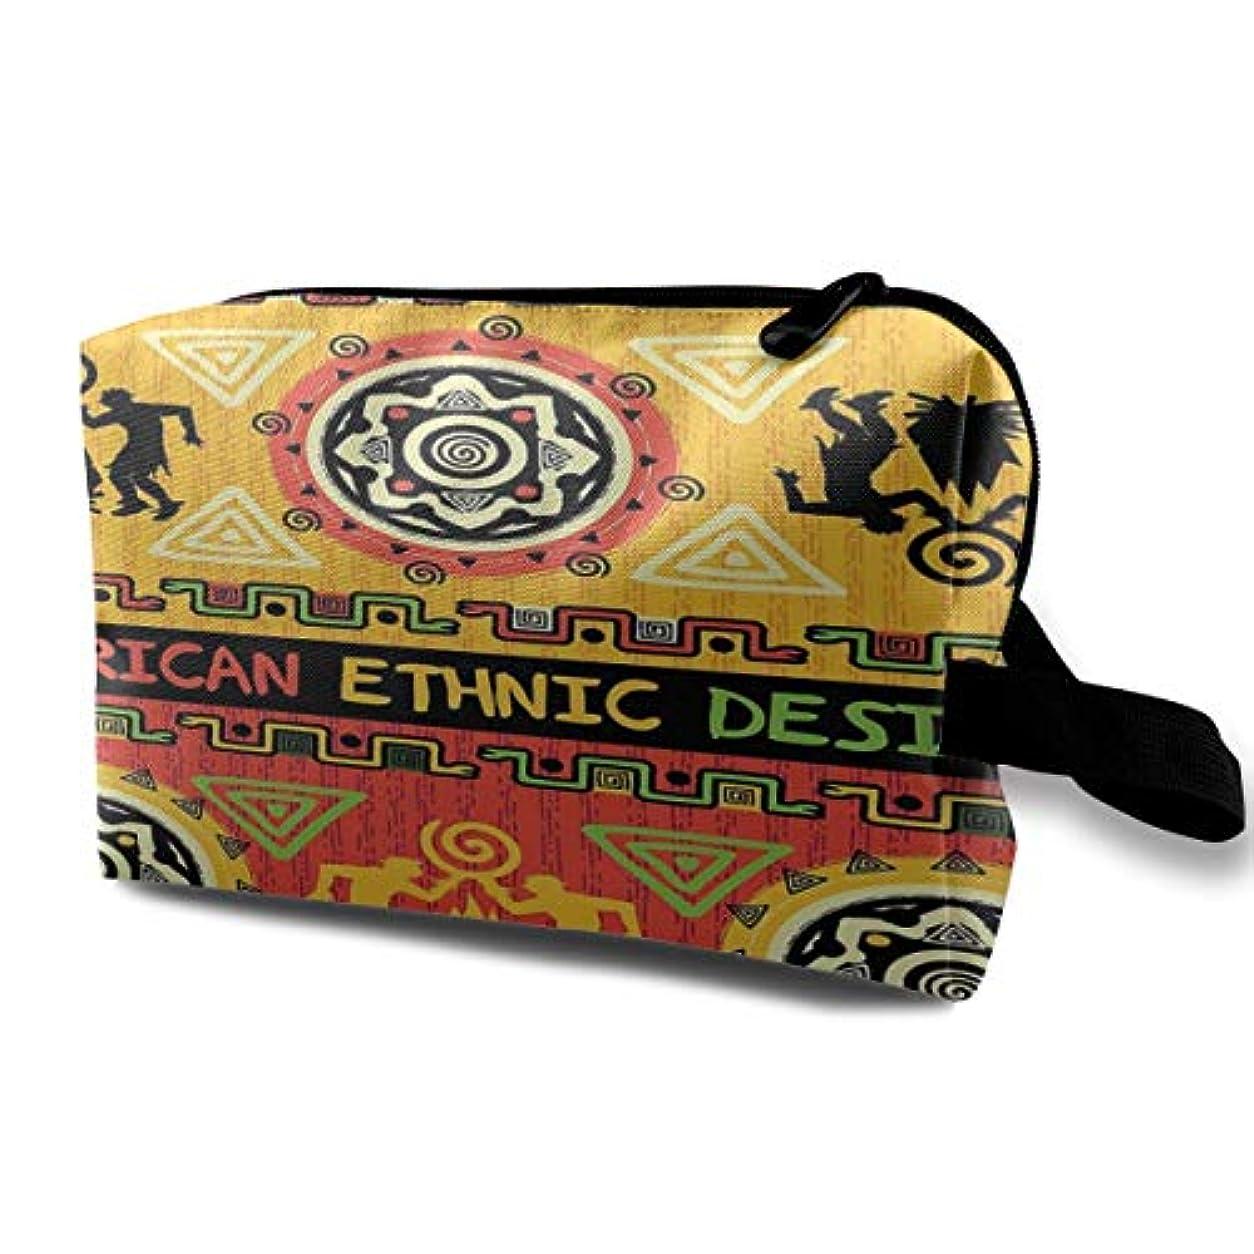 ナラーバー言語学流出African Culture Print 収納ポーチ 化粧ポーチ 大容量 軽量 耐久性 ハンドル付持ち運び便利。入れ 自宅・出張・旅行・アウトドア撮影などに対応。メンズ レディース トラベルグッズ